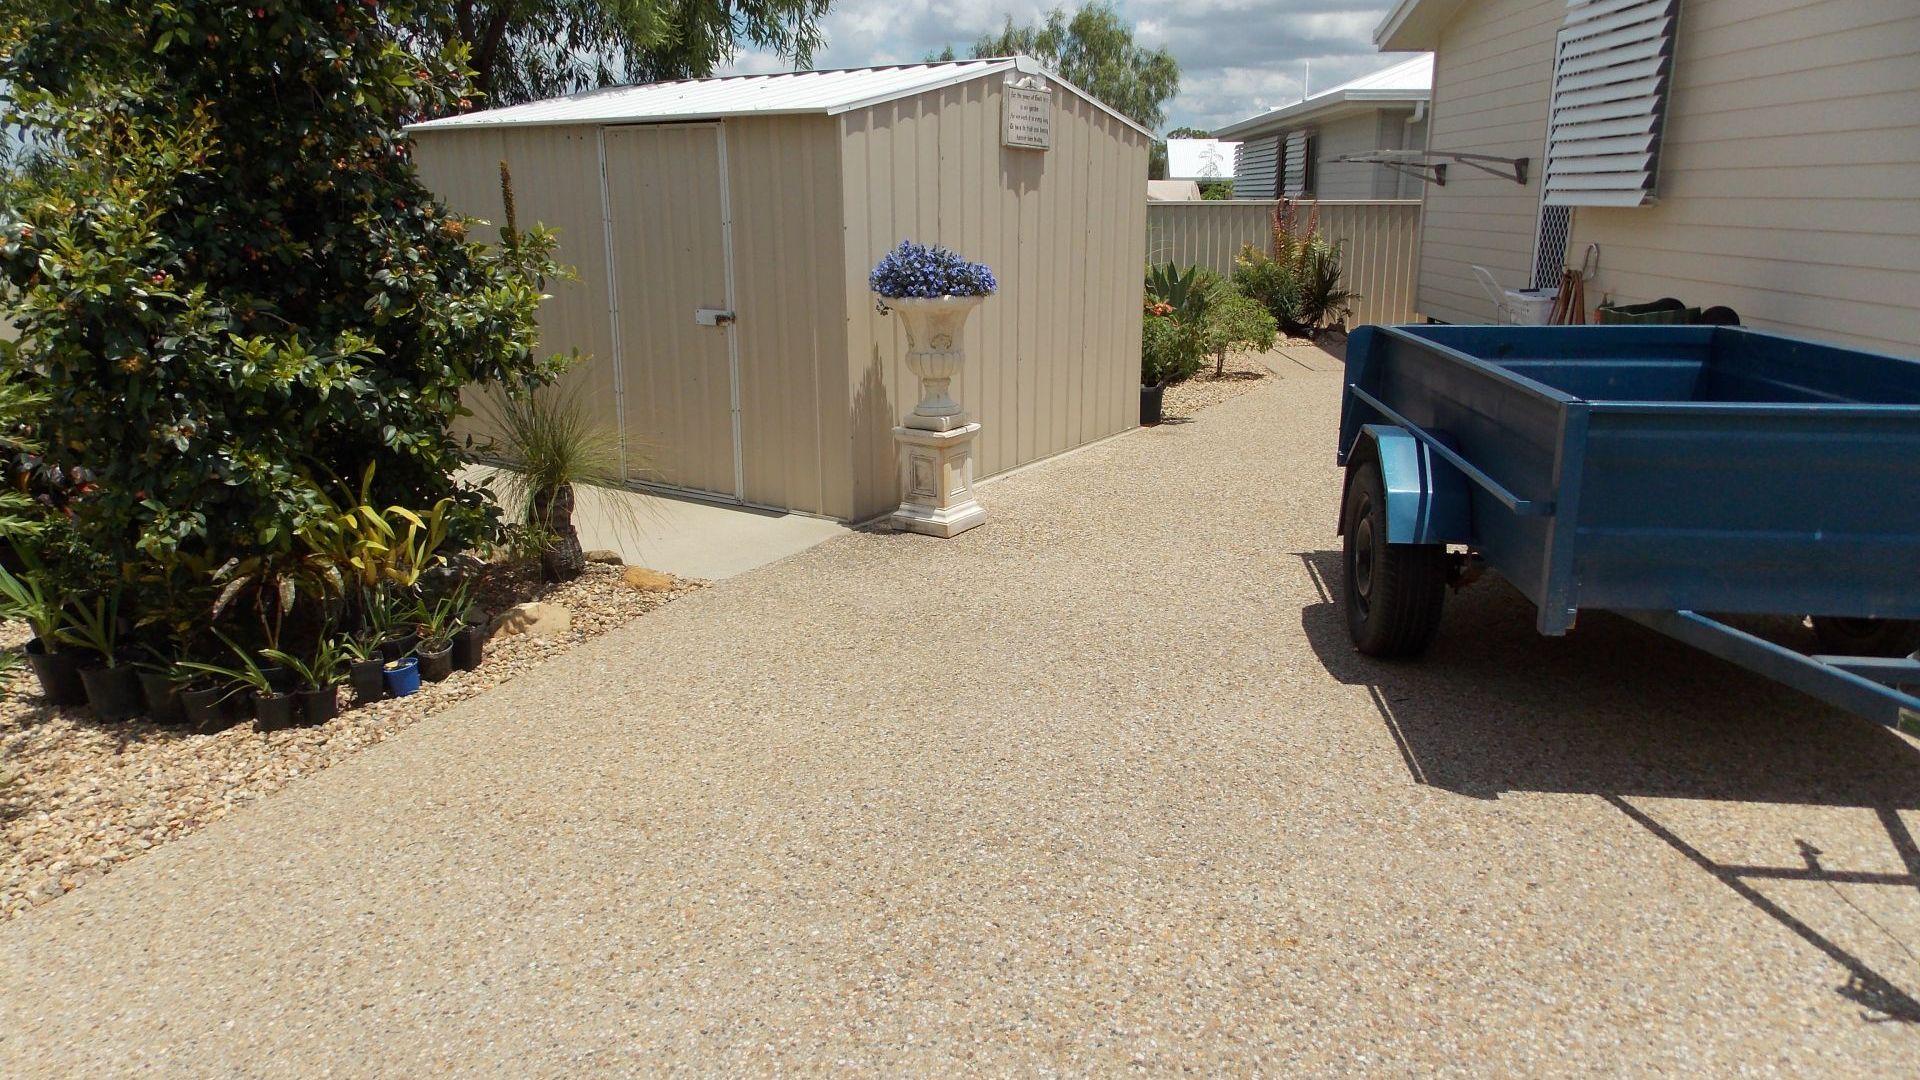 101/19 Schuffenhauer Street, Norman Gardens QLD 4701, Image 1